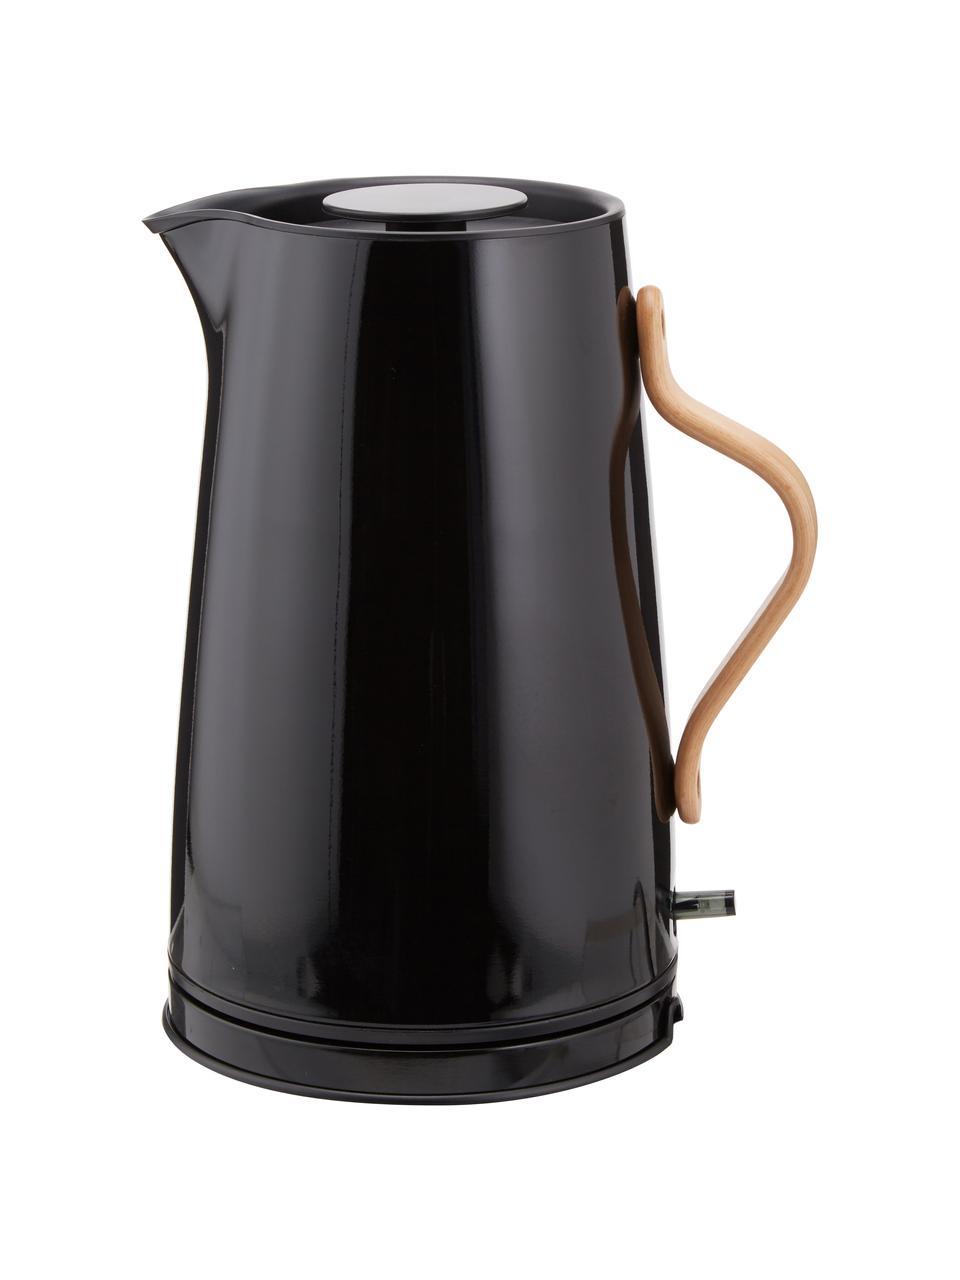 Bollitore elettrico in nero lucido Emma, Manico: legno di faggio, Nero, 1,2 L